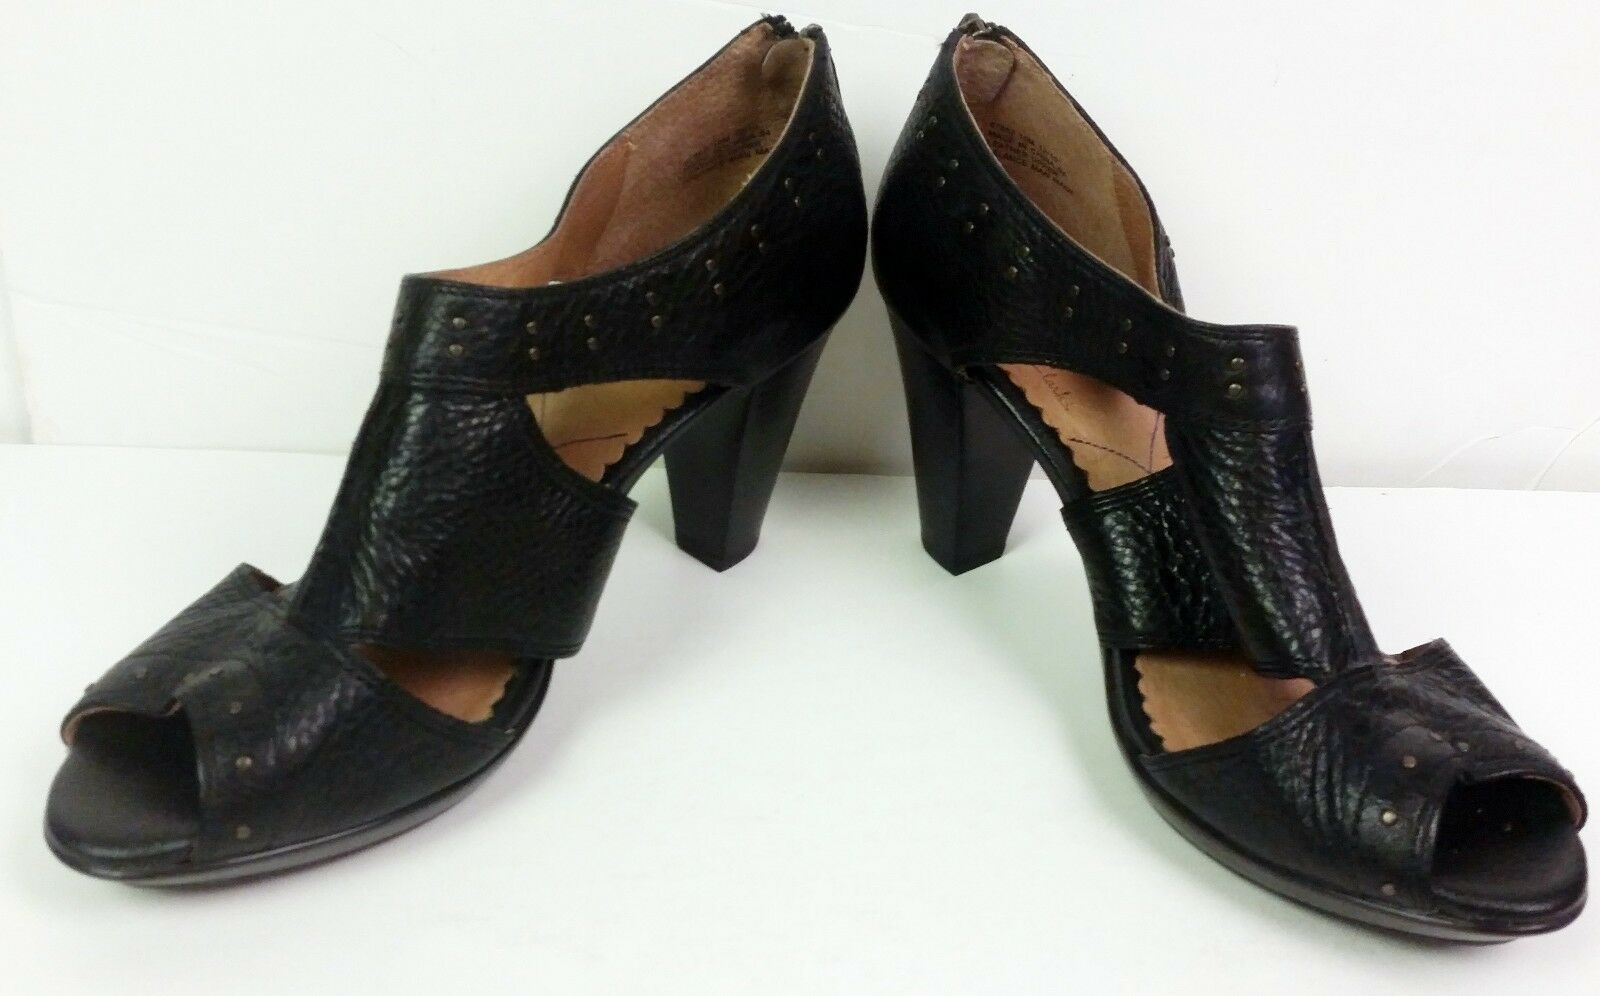 Indigo CLARKS Bardolino Femmes Noir Chaussures en cuir Zipper Brass Rivets 10